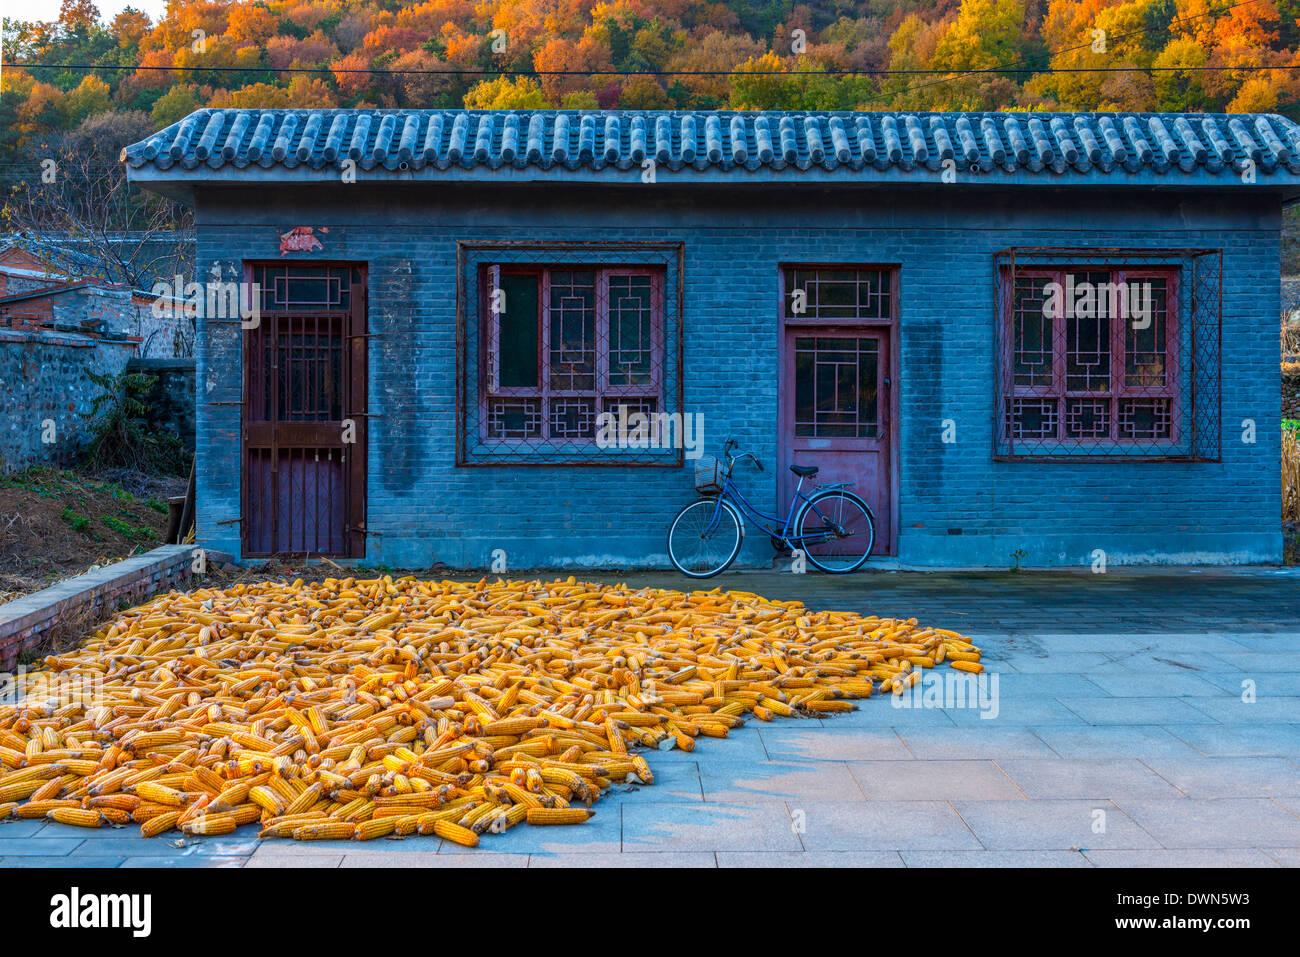 El secado de maíz, Gubeikou, Condado de Miyun, Municipio de Beijing, China, Asia Imagen De Stock